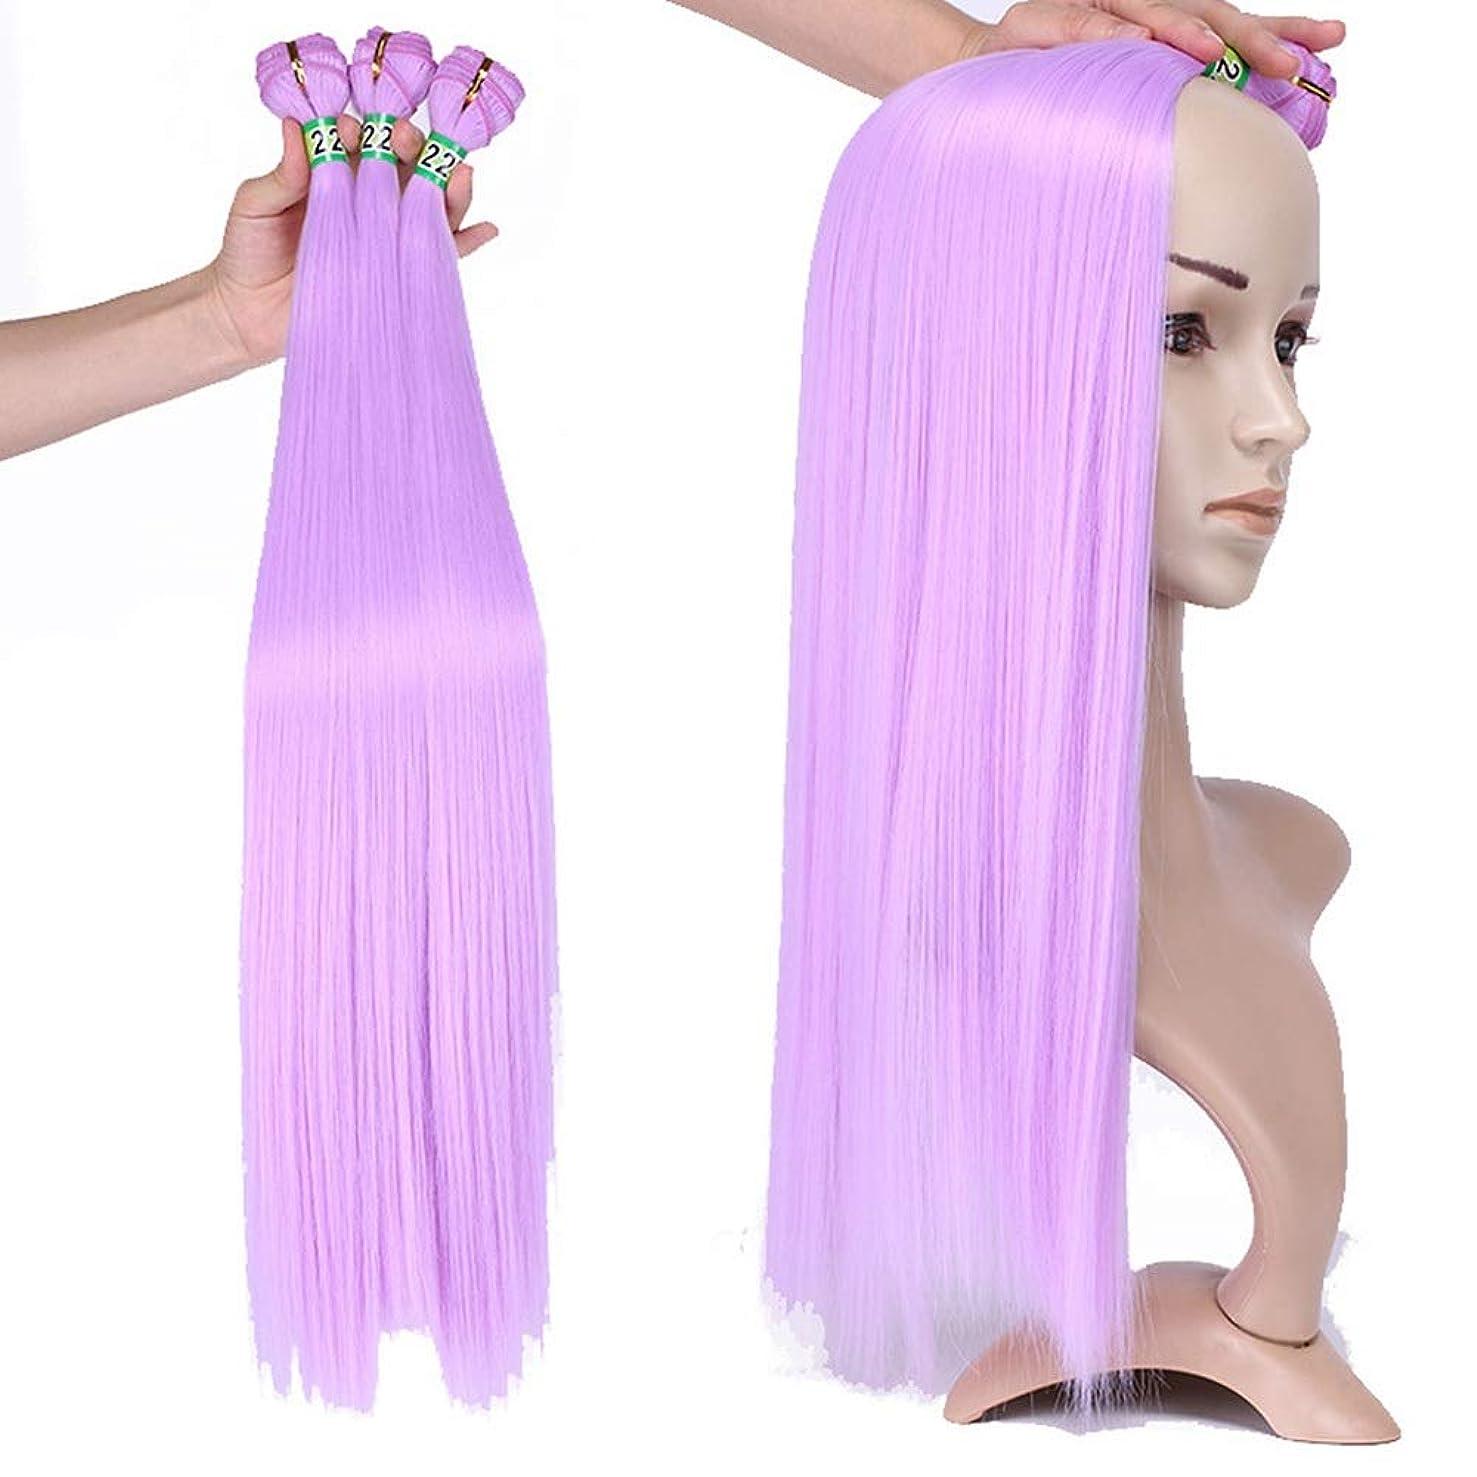 豊富な旅化石BOBIDYEE 3バンドルライトパープルストレート人工毛織りバンドル高温繊維ヘアエクステンション100グラム/バンドル複合ヘアレースかつらロールプレイングかつらロングとショート女性自然 (色 : Light purple, サイズ : 8inch)